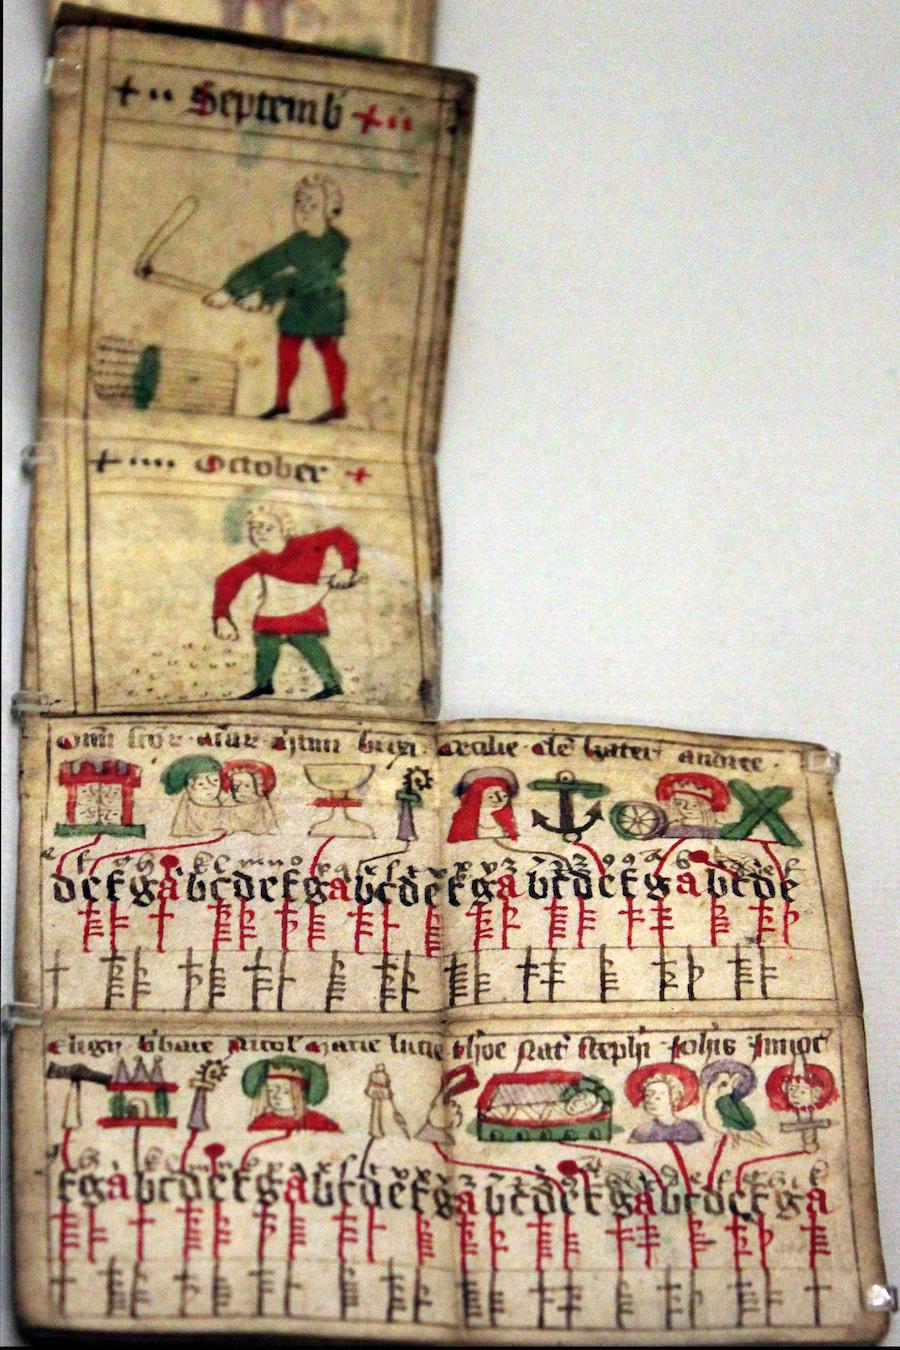 1396_Taschenkalender_von_1397_anagoria